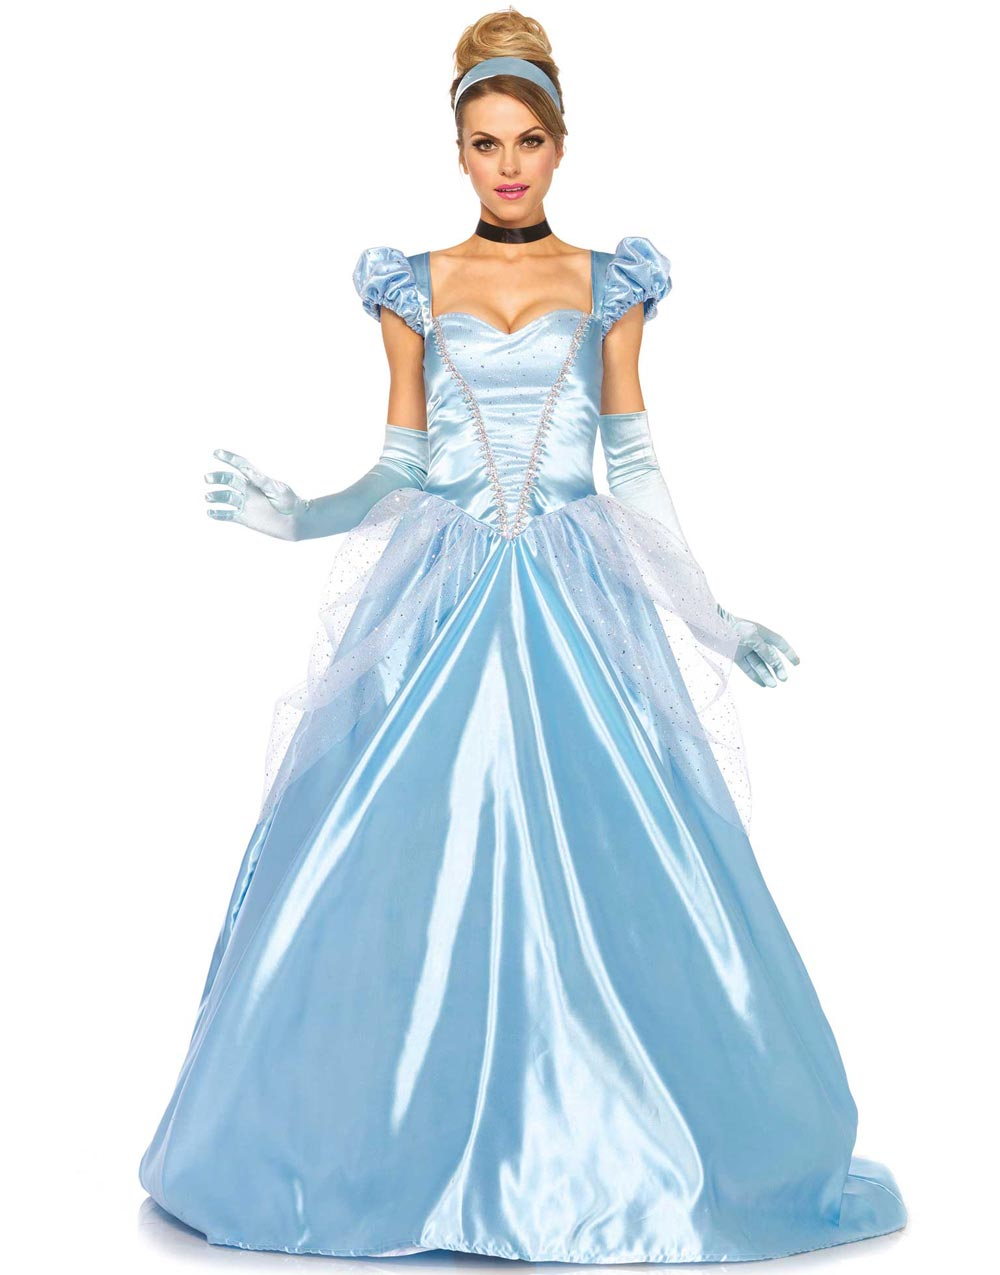 Cinderella Askepott Luksuskostyme